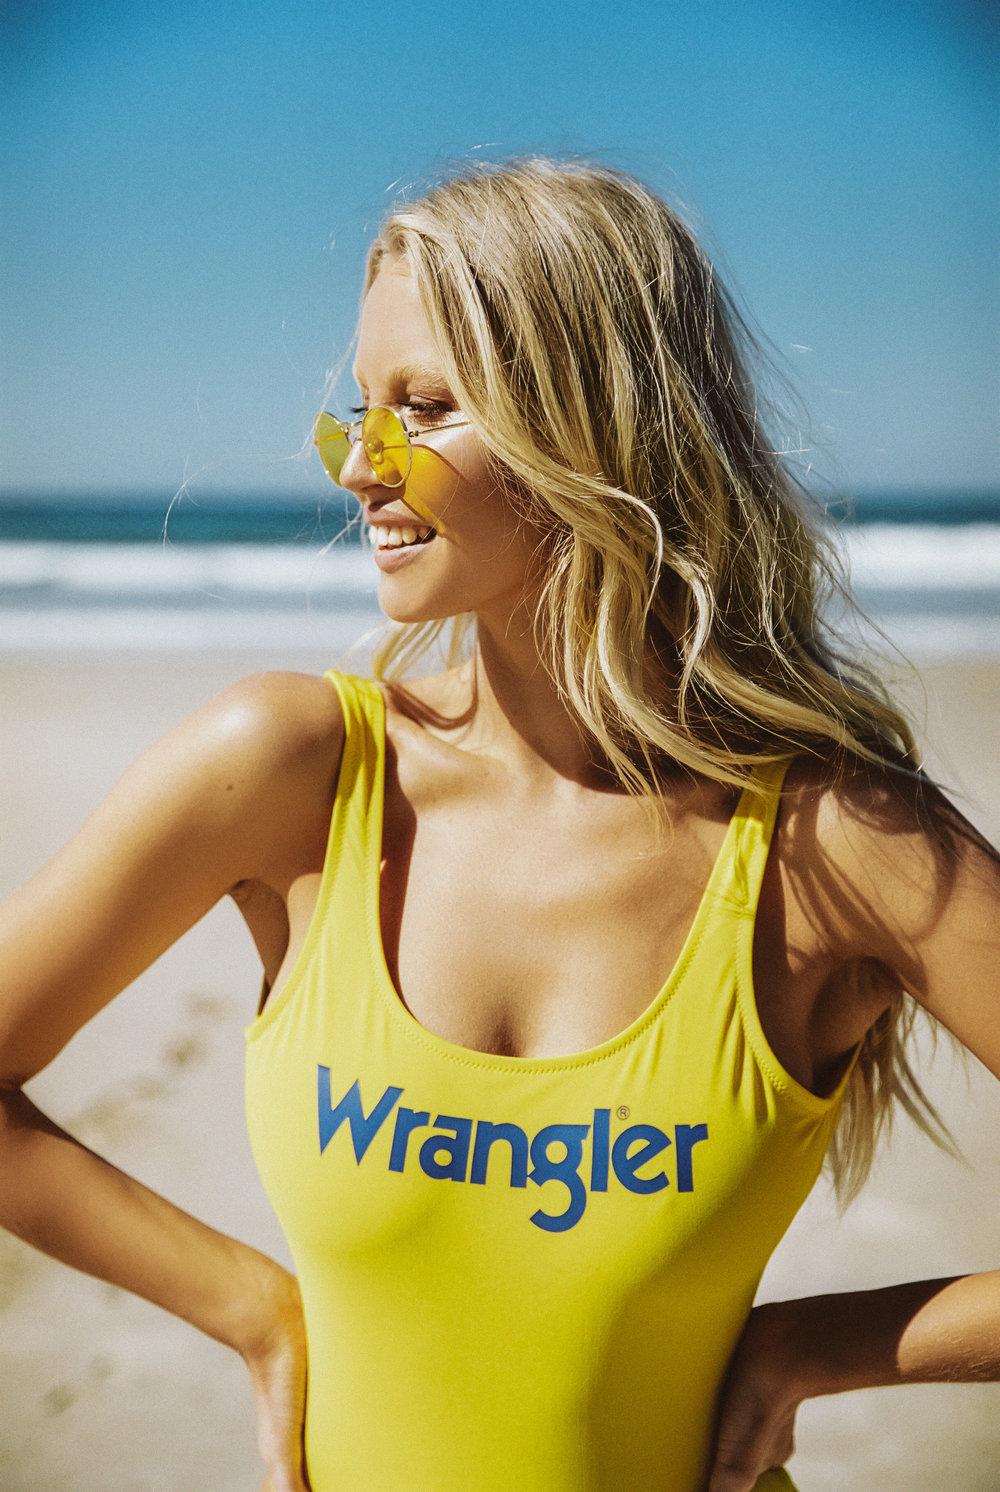 20180731_Wrangler x Universal_35mm_0045.jpg